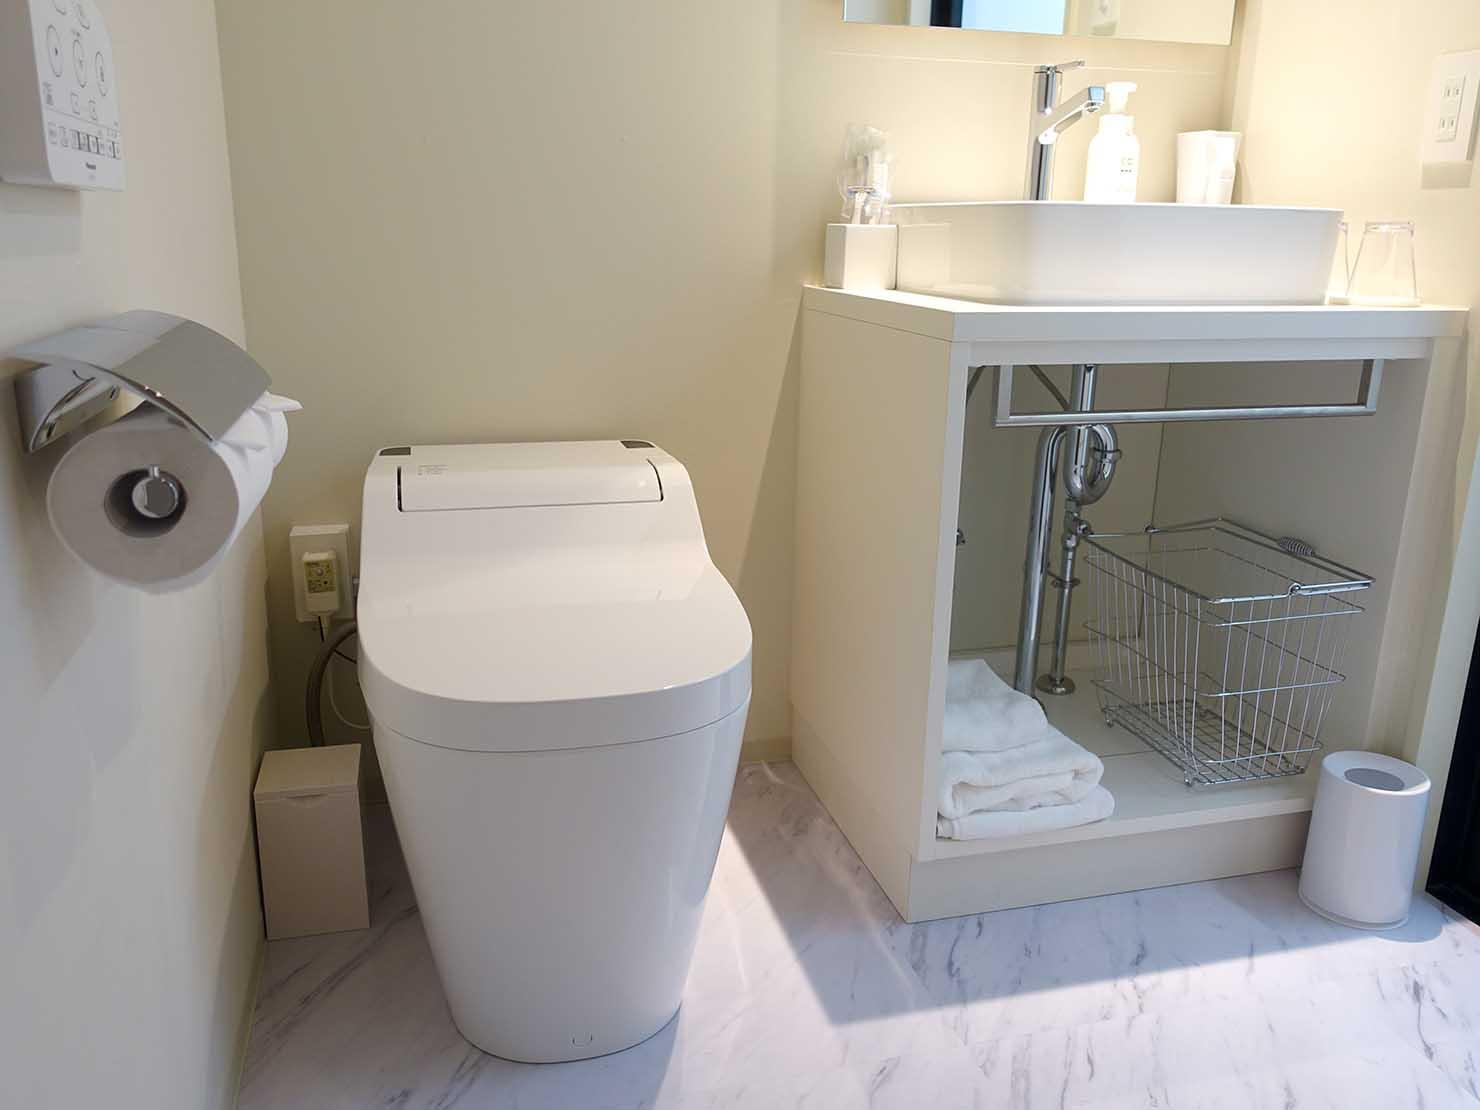 広島・八丁堀のおしゃれなリノベホテル「KIRO広島 The Share Hotels」コンパクトダブルのトイレ